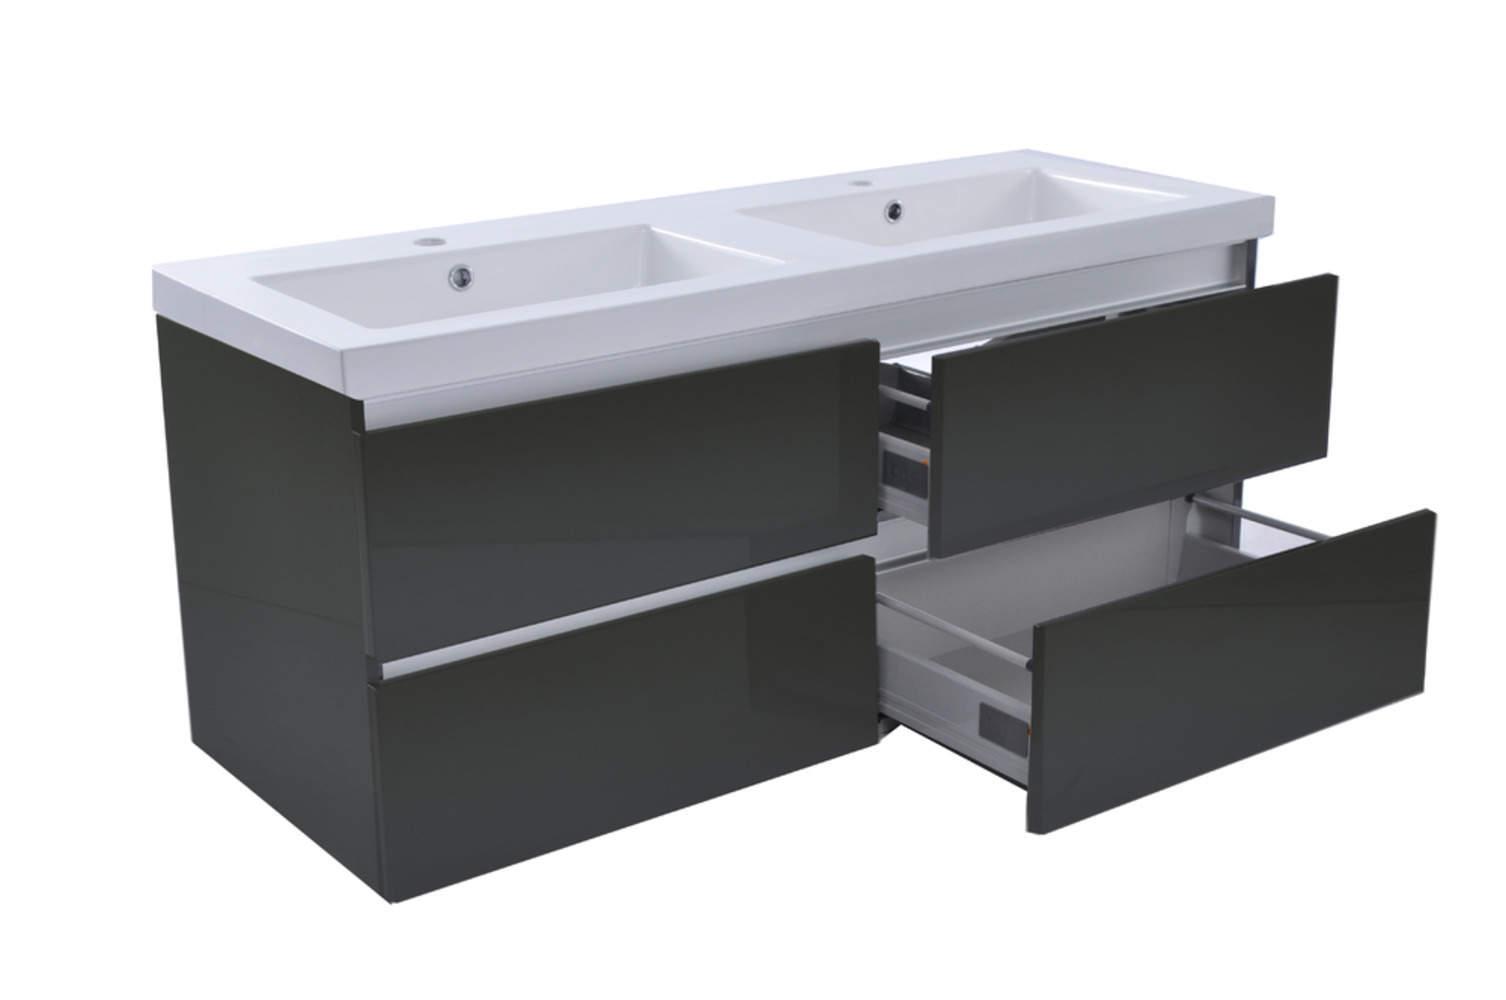 Vision meubel keramische dubbele wastafel hoogglans grijs